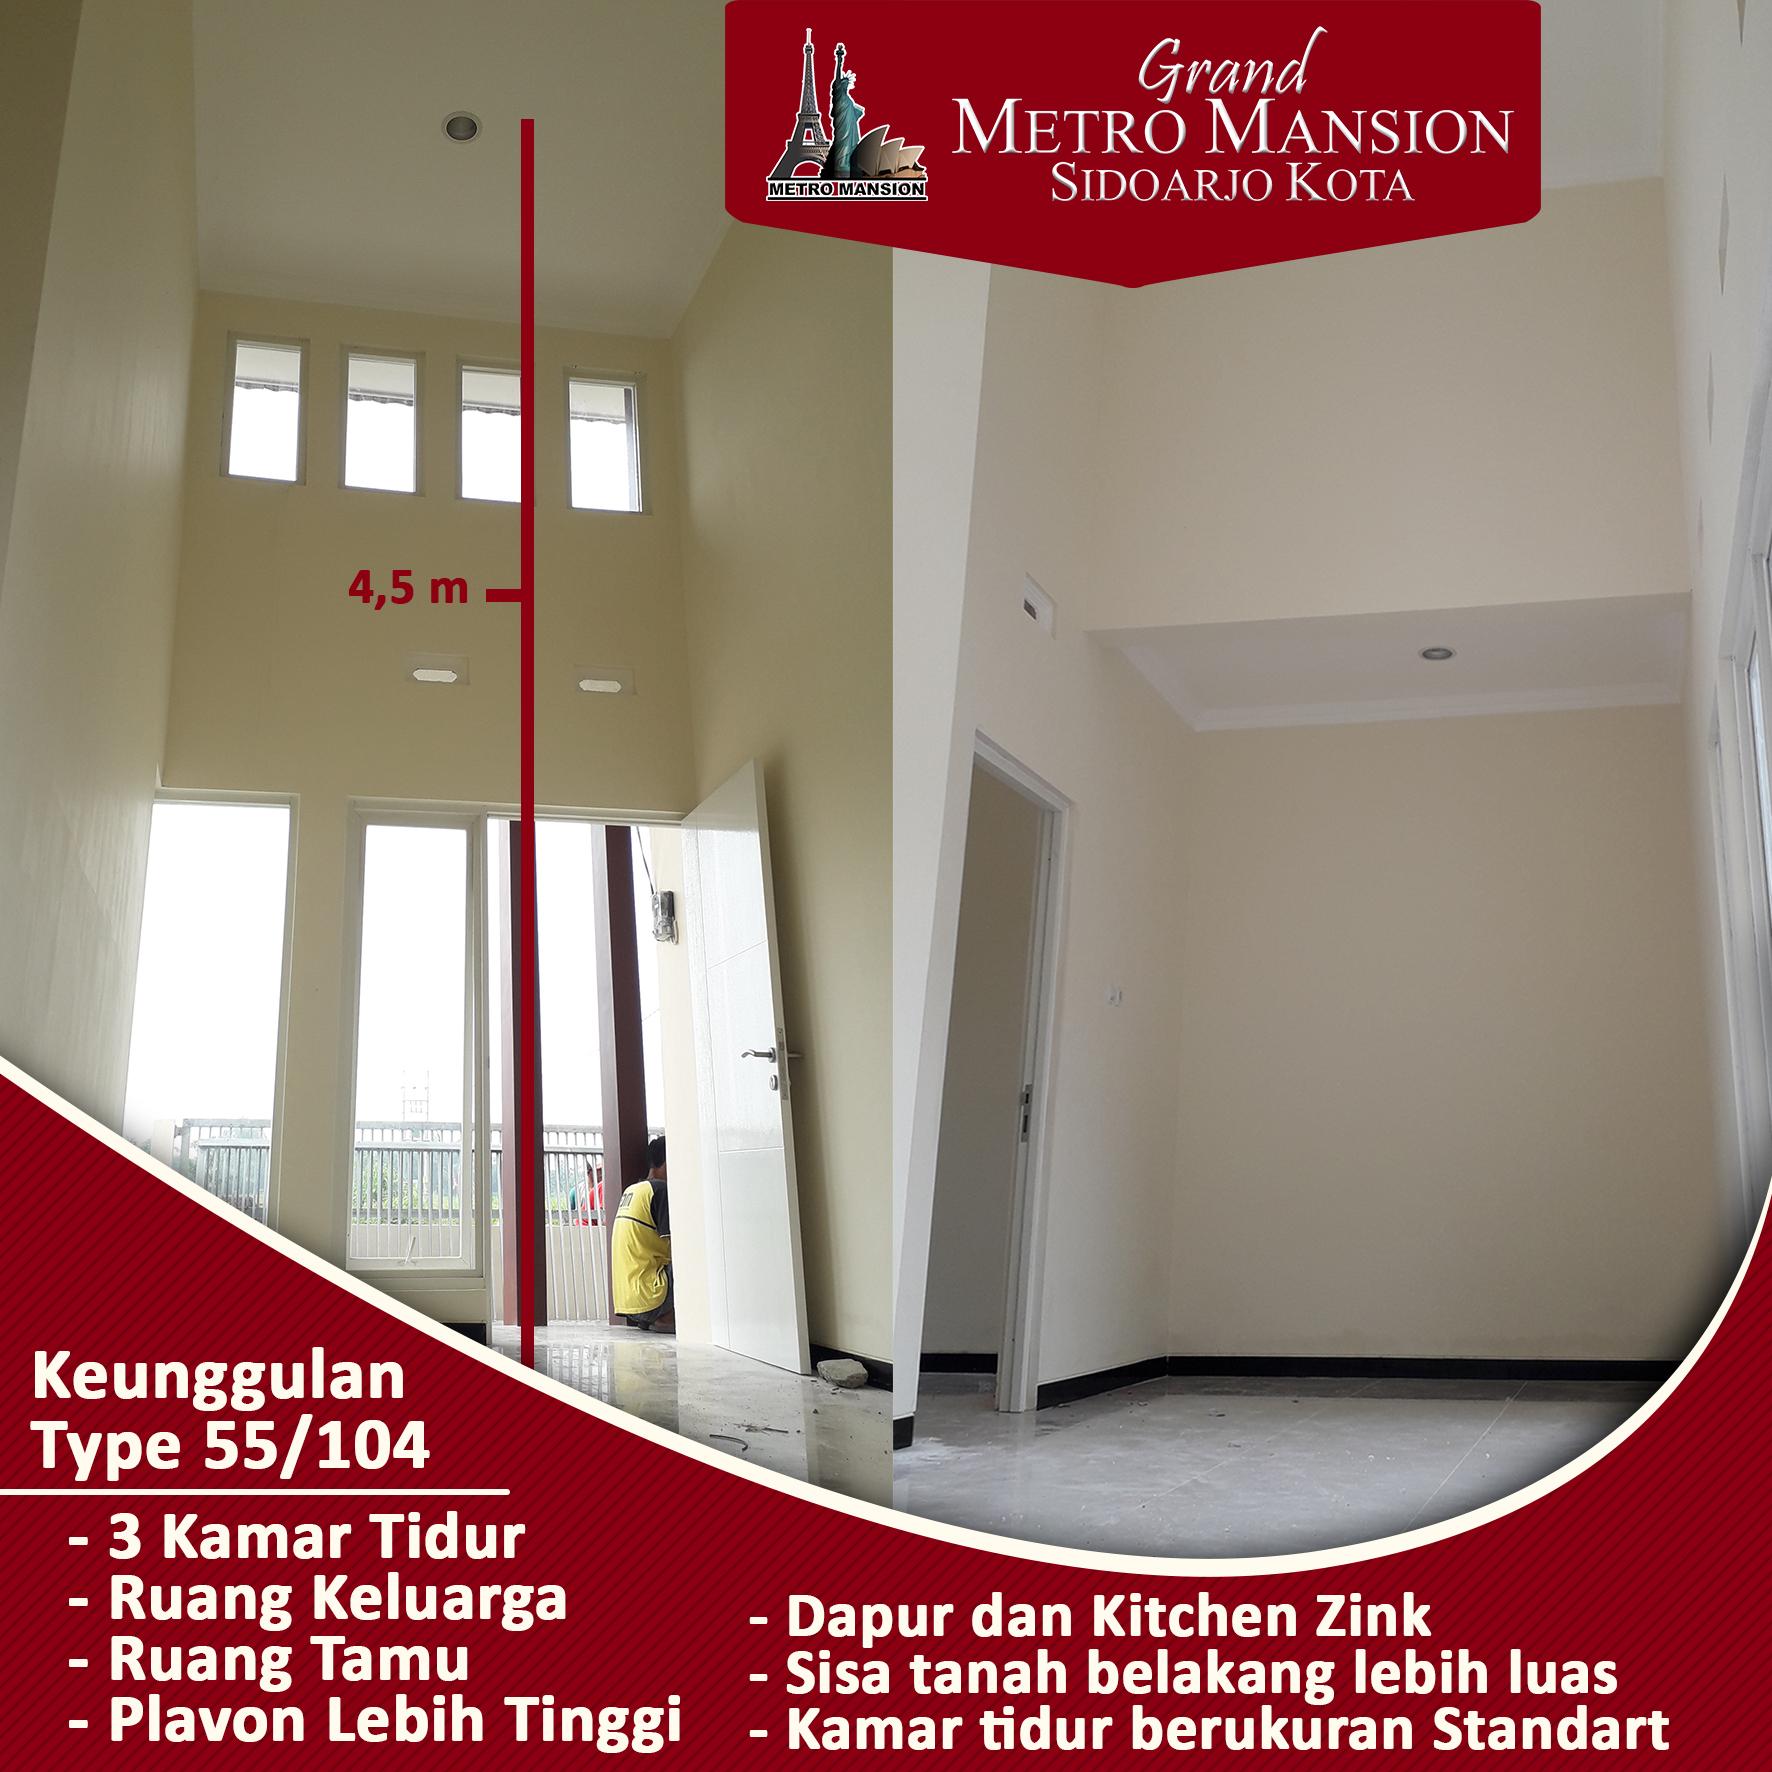 Metro Mansion Sidoarjo